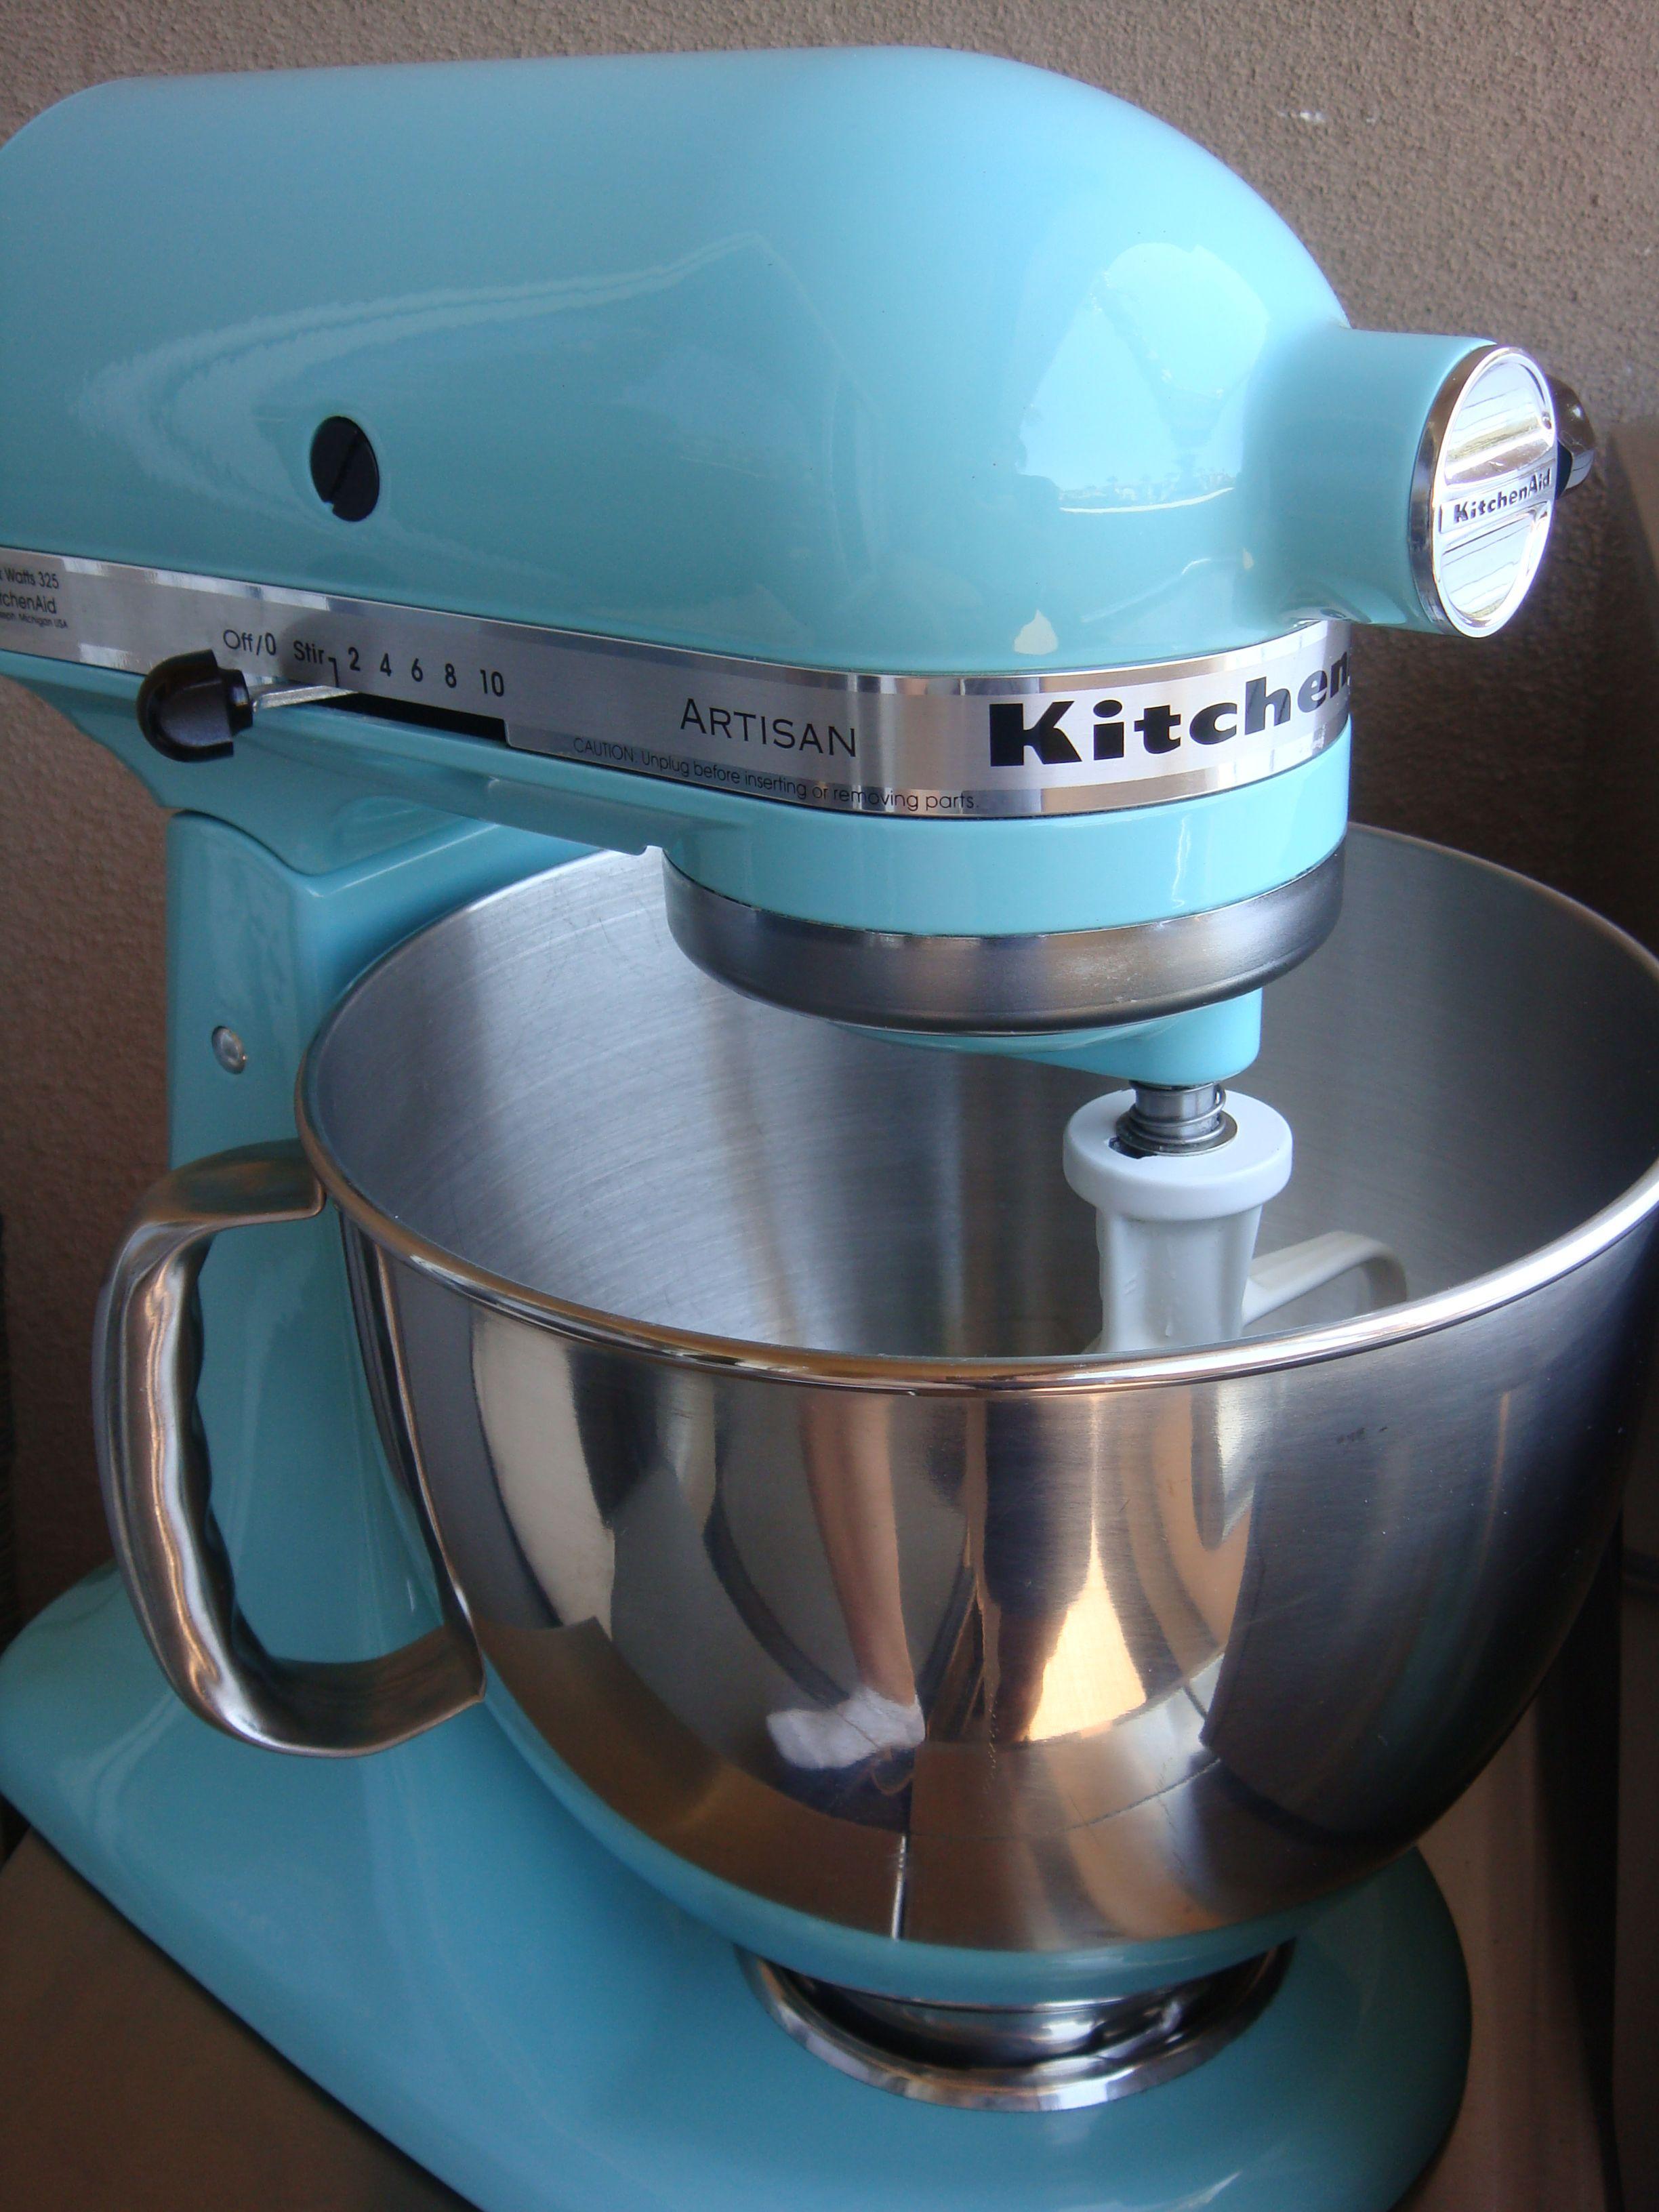 Kitchen aid artisan mixer from martha stewart collection